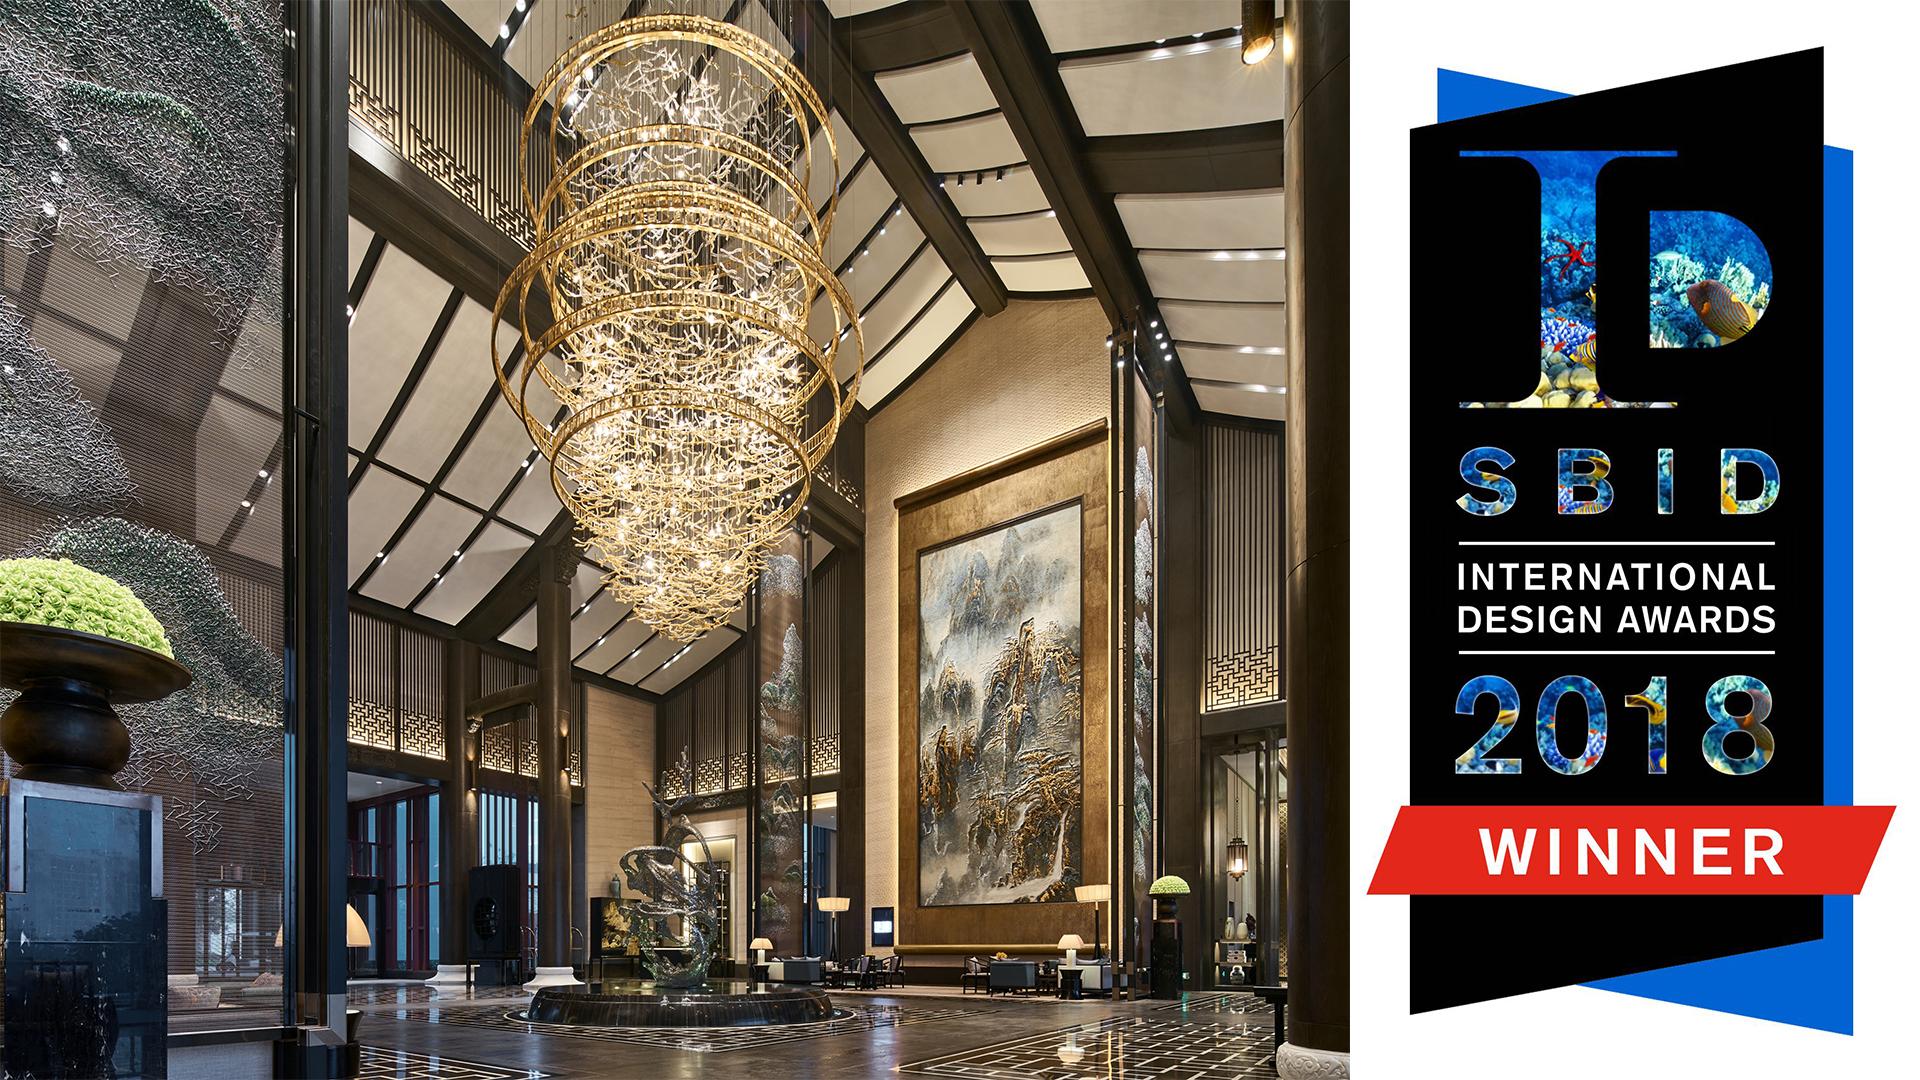 万达酒店获英国国际设计协会多项国际设计大奖